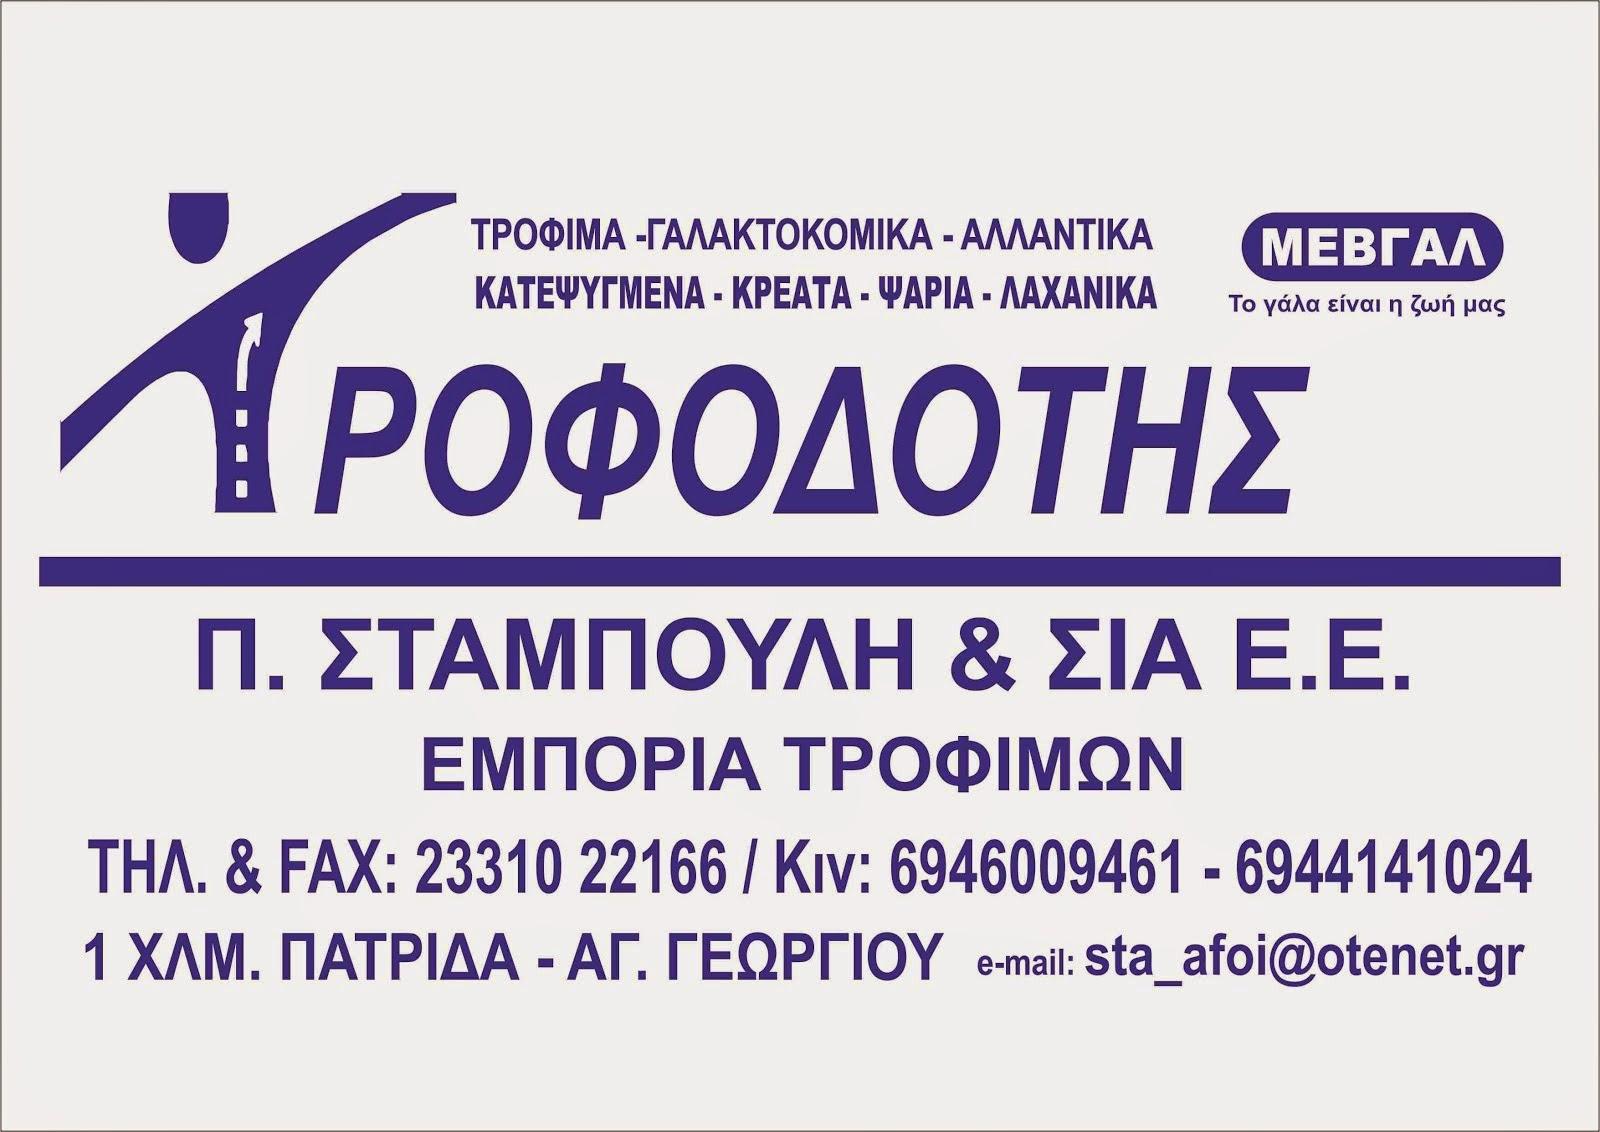 ΤΡΟΦΟΔΟΤΗΣ